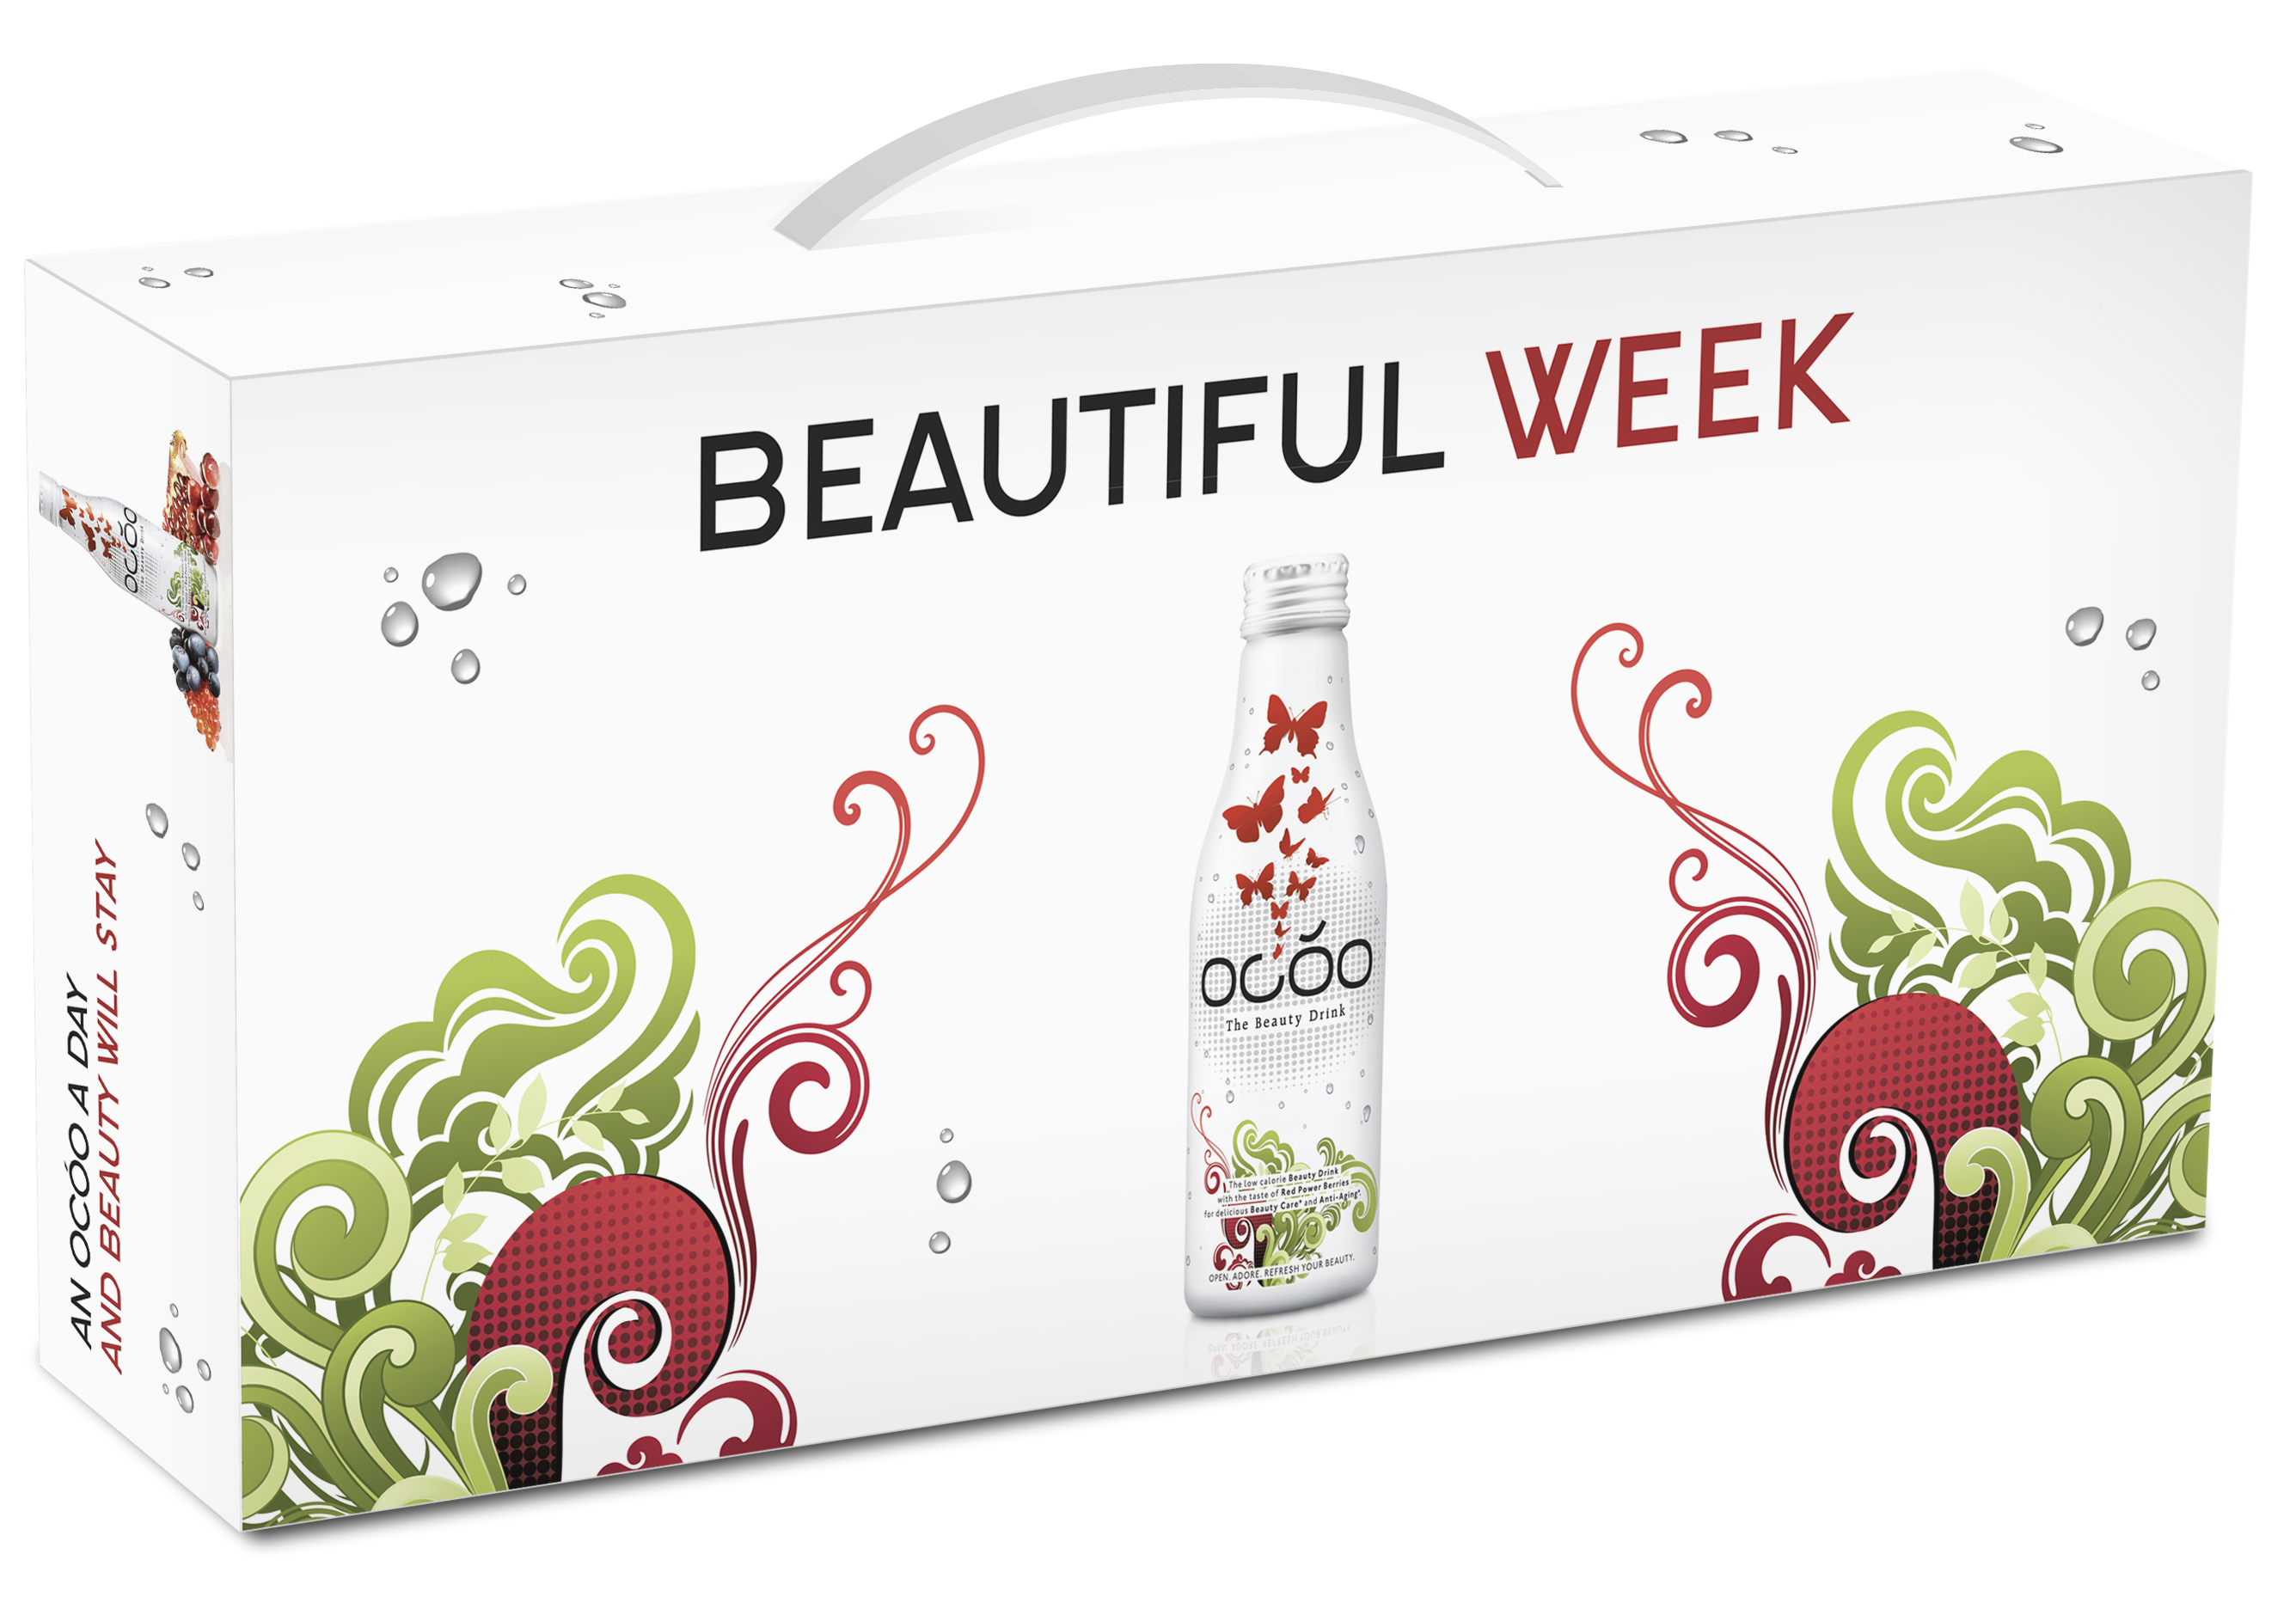 OCOO - The Beauty Drink, 9 x 7pcs. WeekPack - 63 x 250ml Glass Bottle